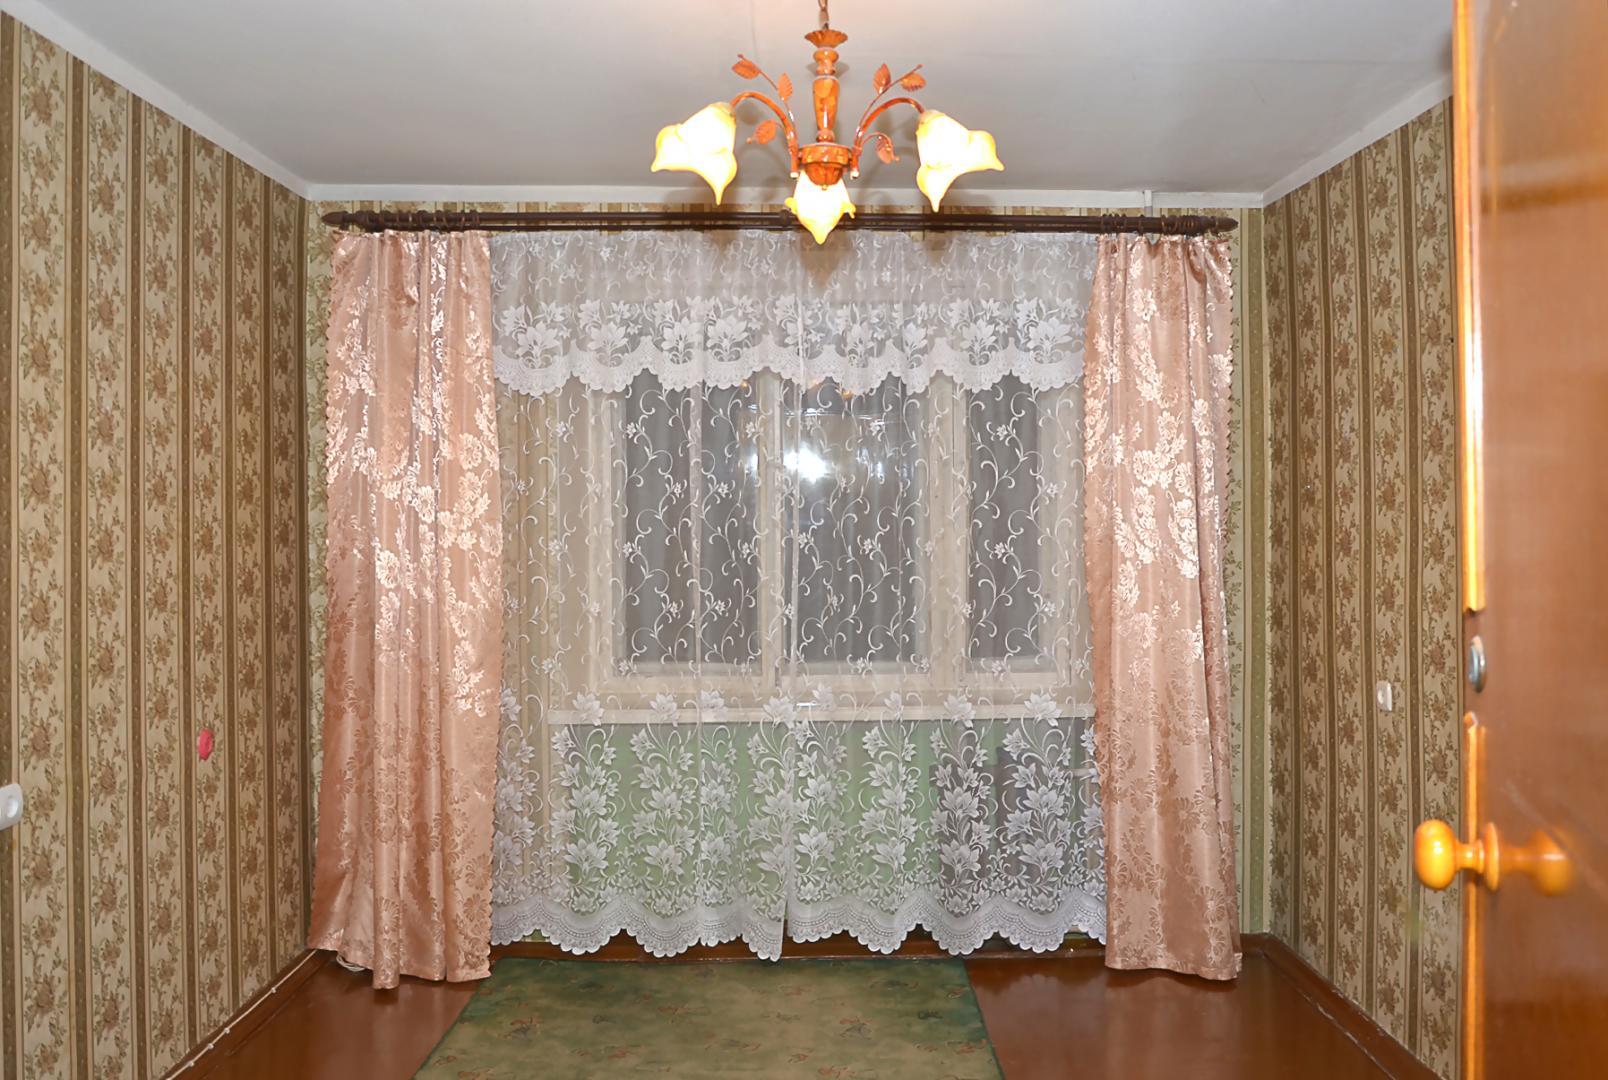 Продам комната по адресу Россия, Ярославская область, городской округ Рыбинск, Рыбинск, улица 9 Мая, 15 фото 4 по выгодной цене